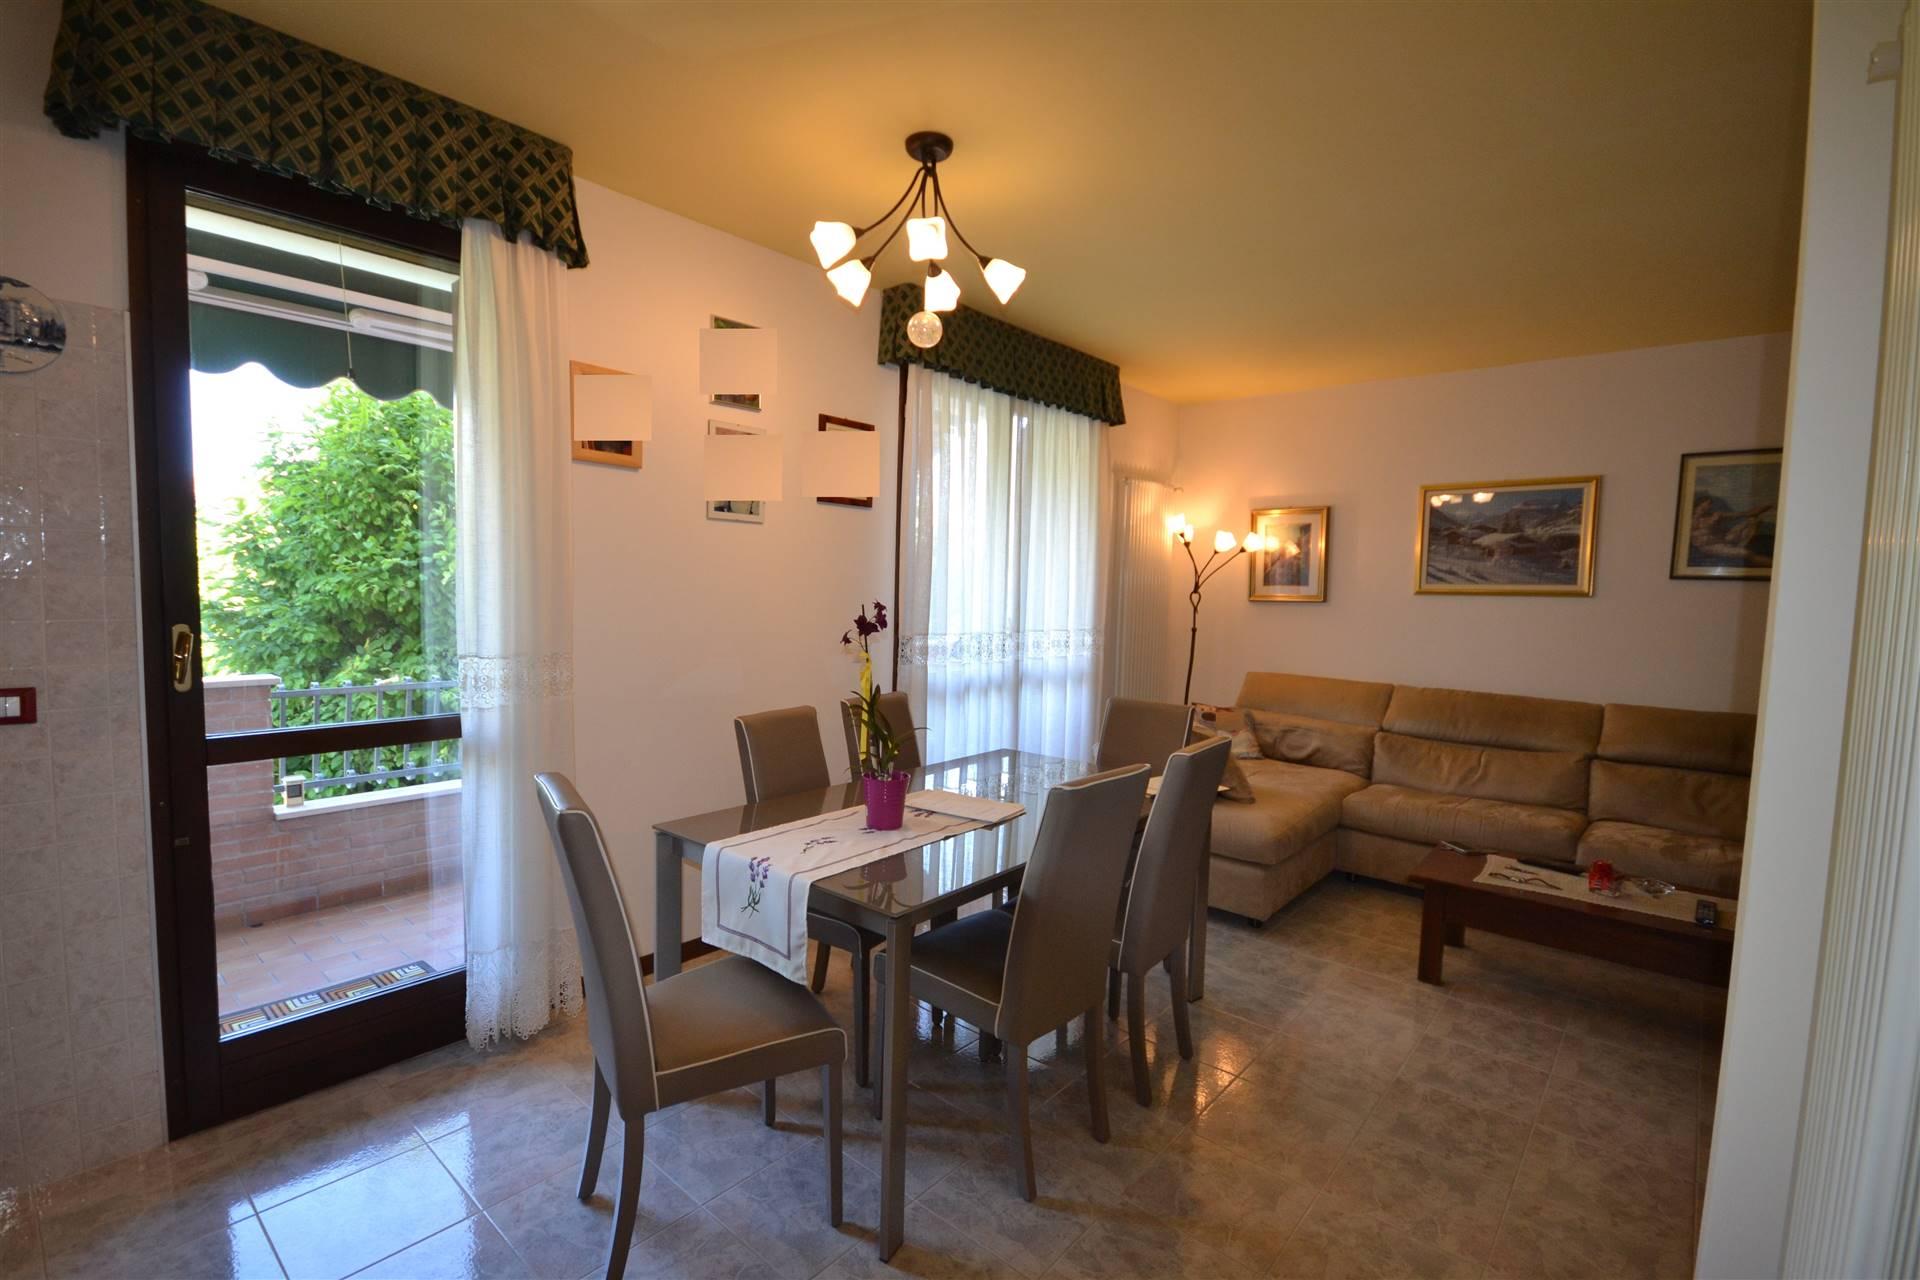 Appartamento in vendita a Eraclea, 3 locali, zona Località: ERACLEA, prezzo € 120.000 | CambioCasa.it